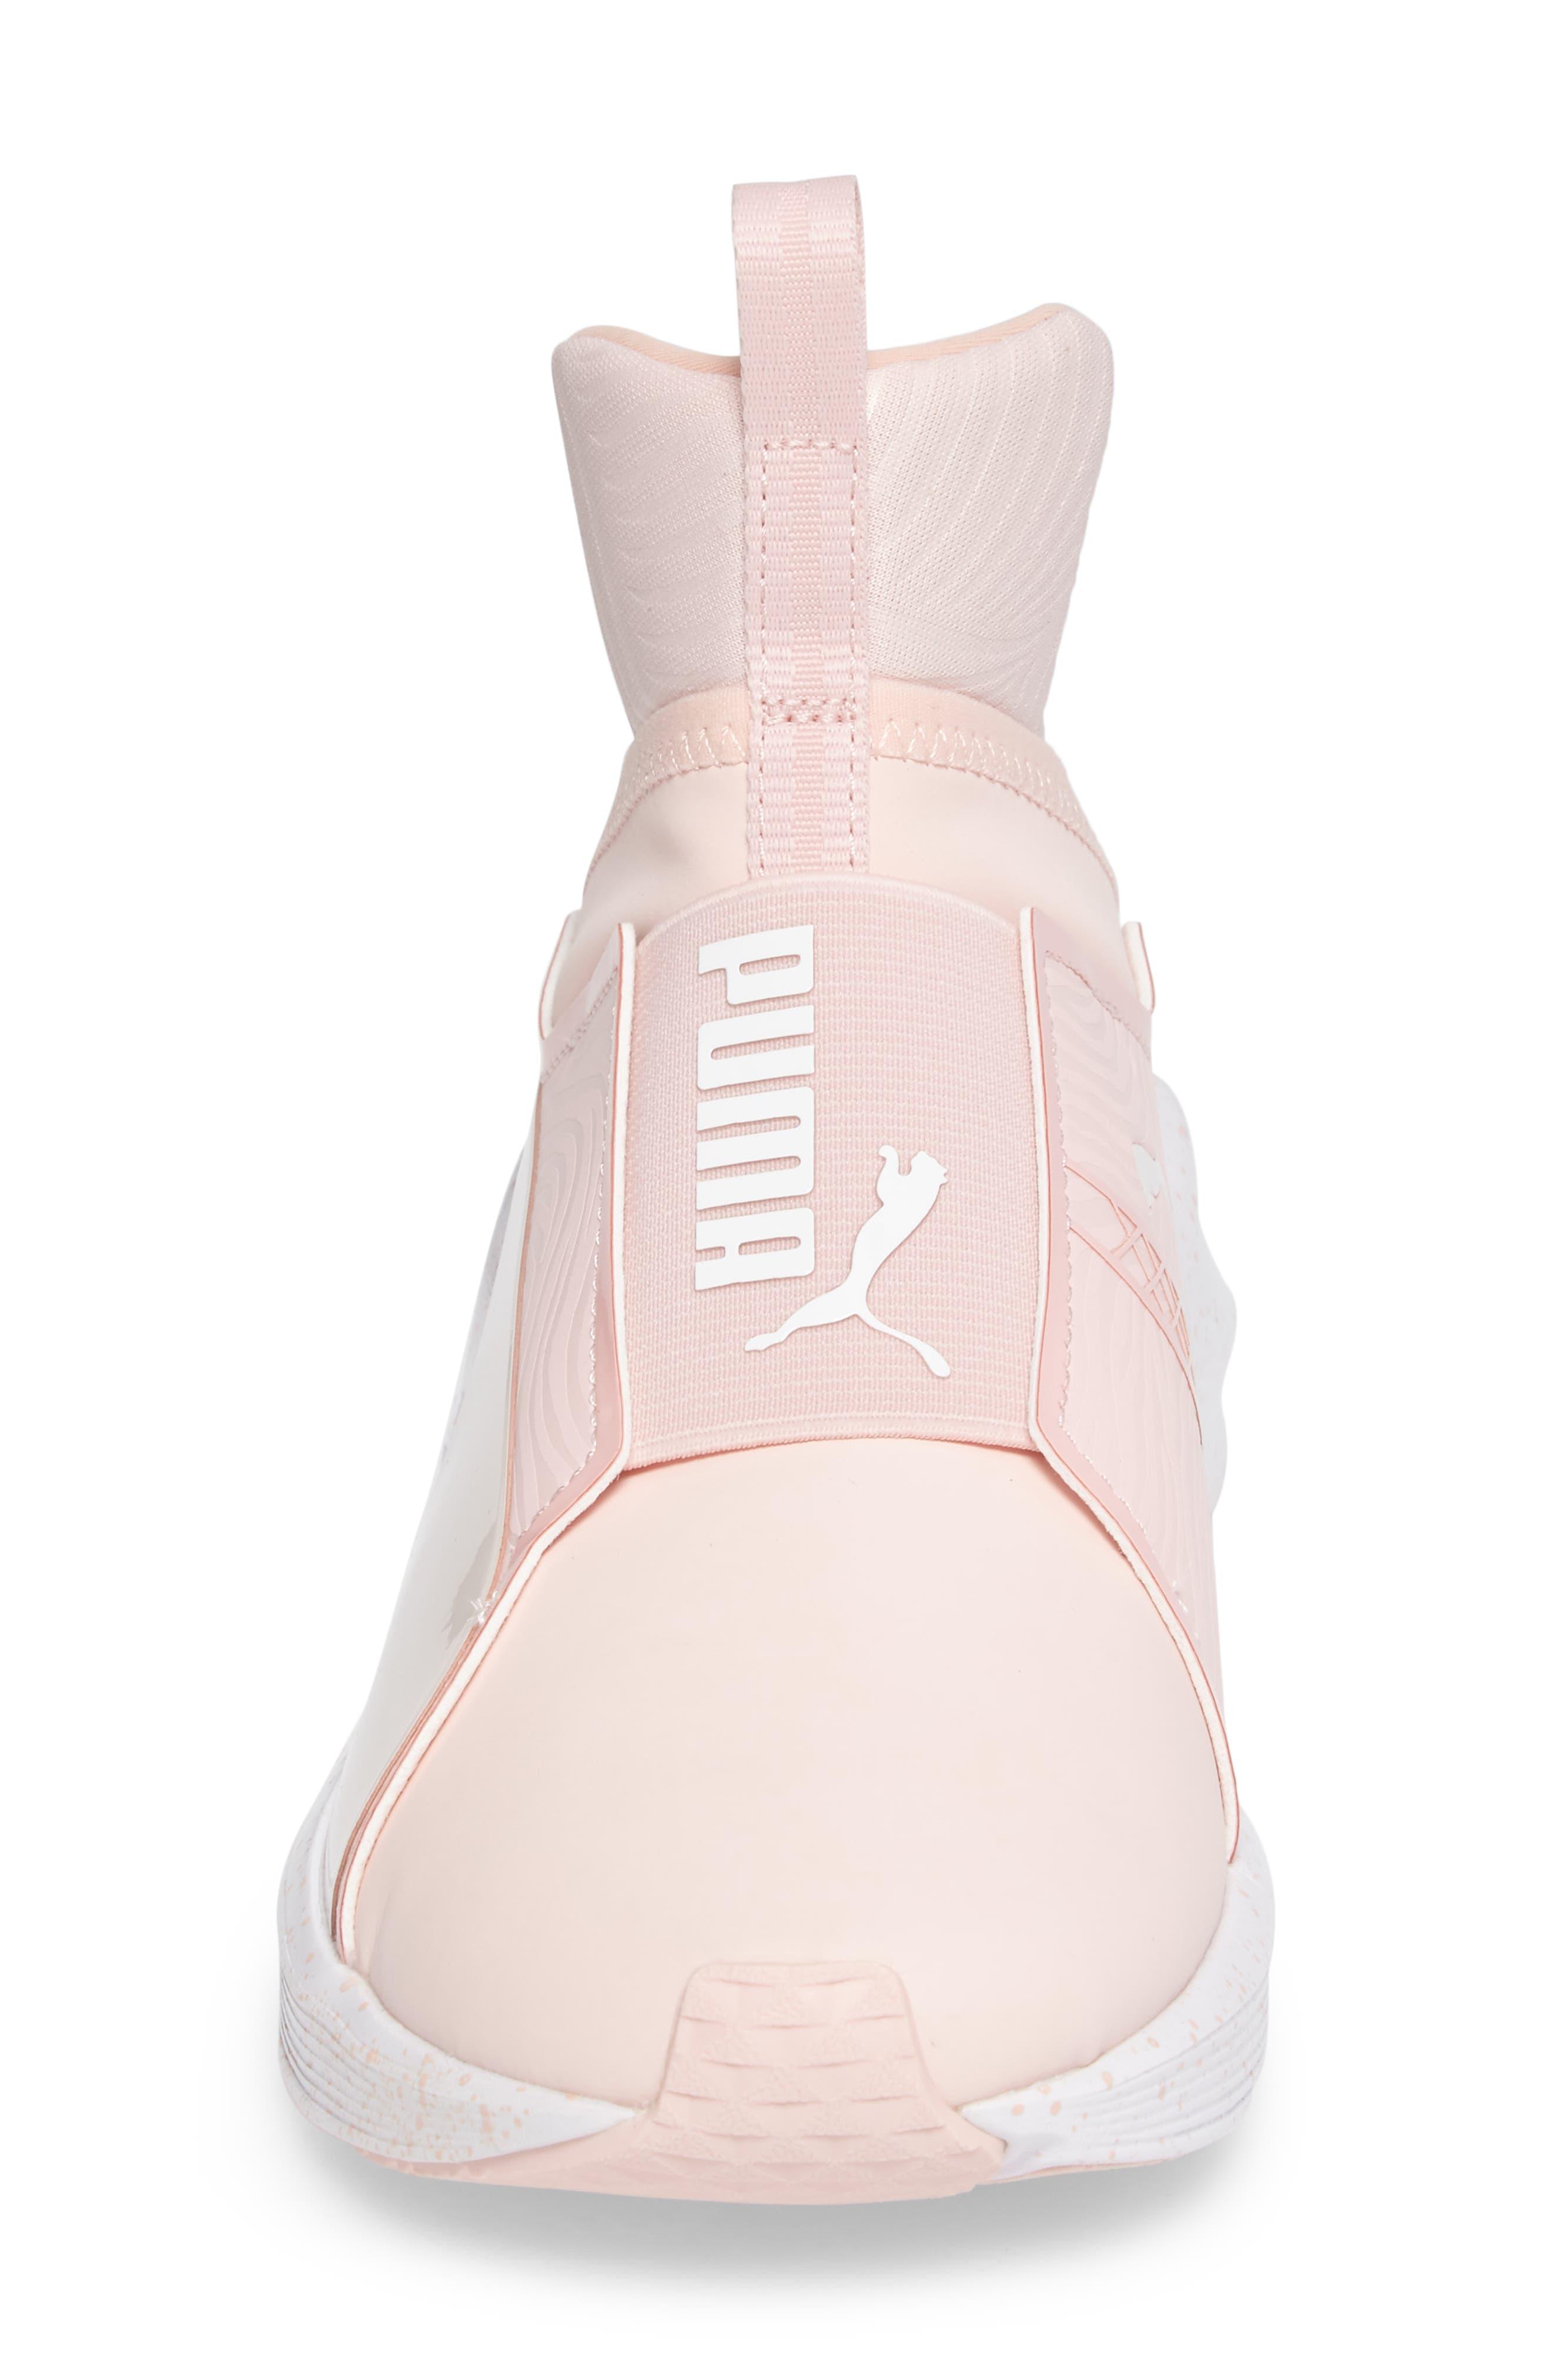 Fierce Bleached High Top Sneaker,                             Alternate thumbnail 4, color,                             Veiled Rose/ Whisper White